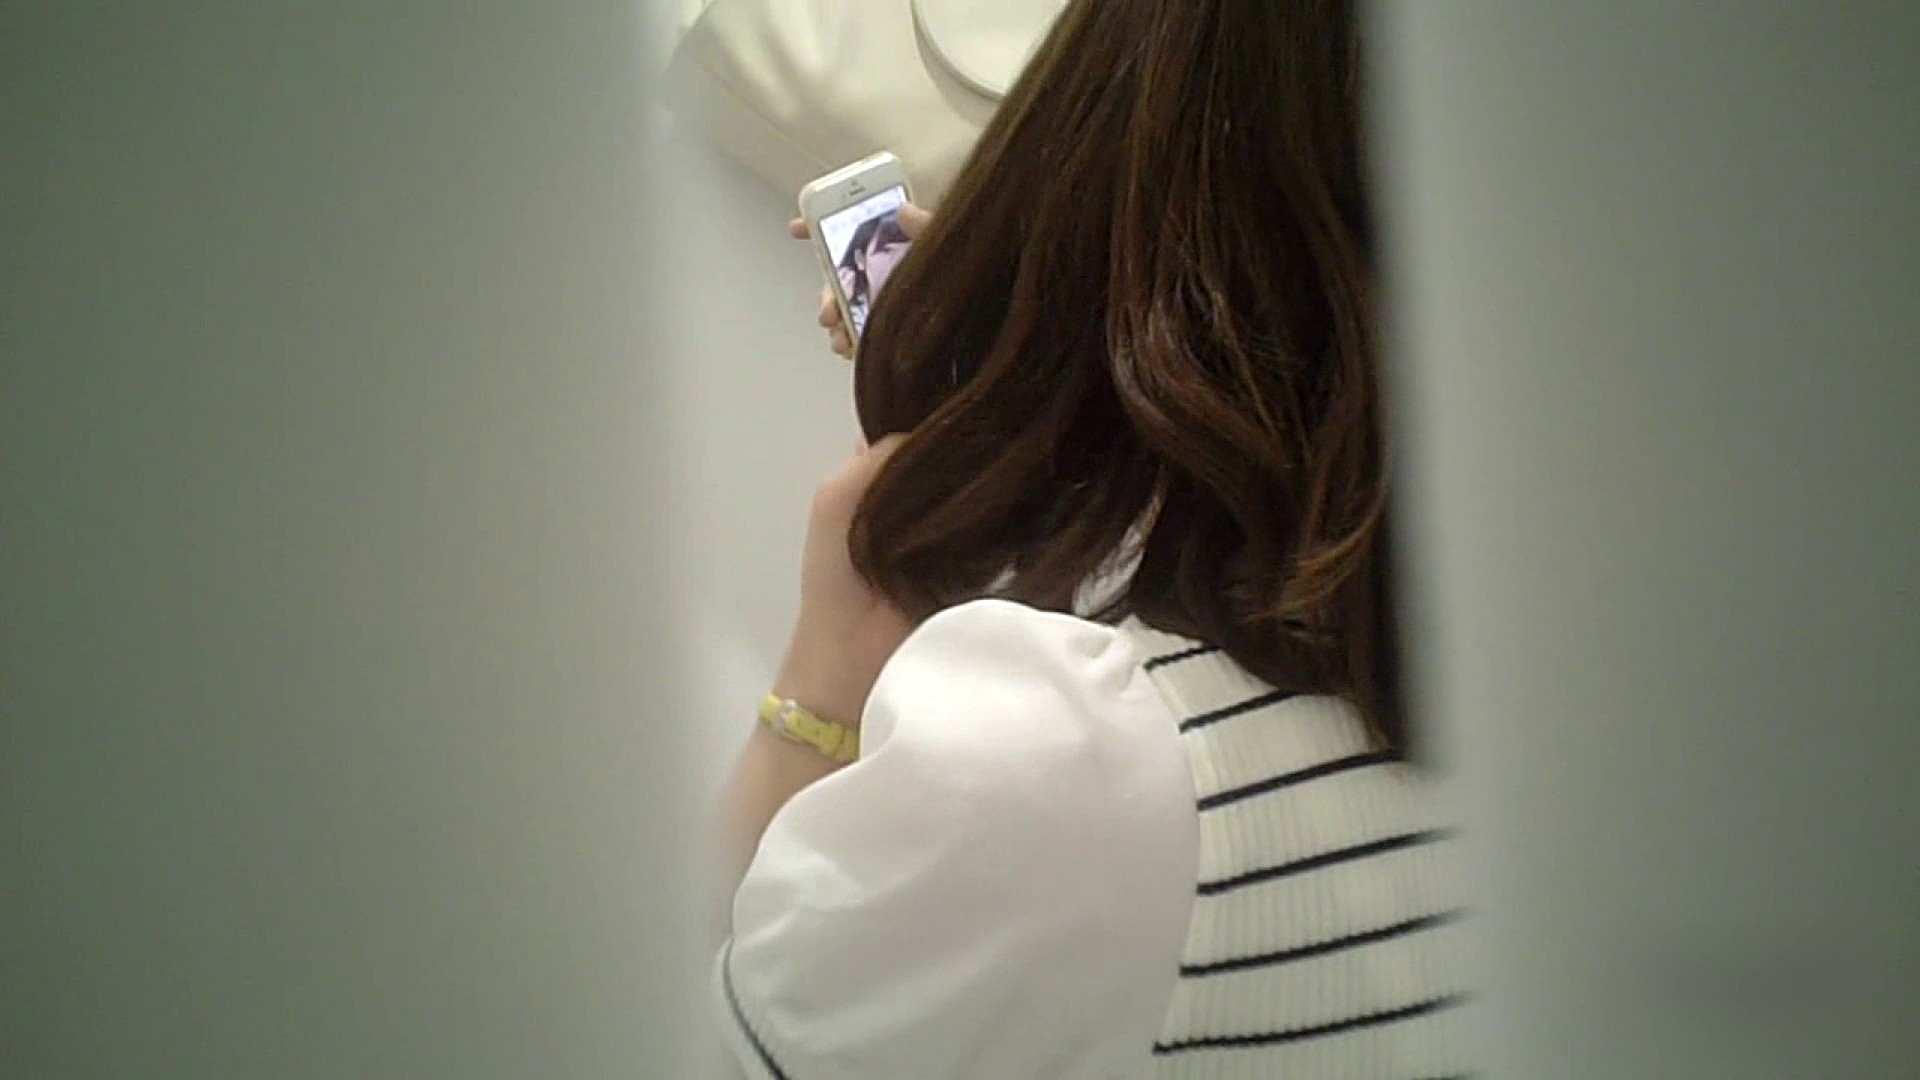 有名大学女性洗面所 vol.37 ついでにアンダーヘアーの状態確認ですね。 潜入 アダルト動画キャプチャ 101枚 7